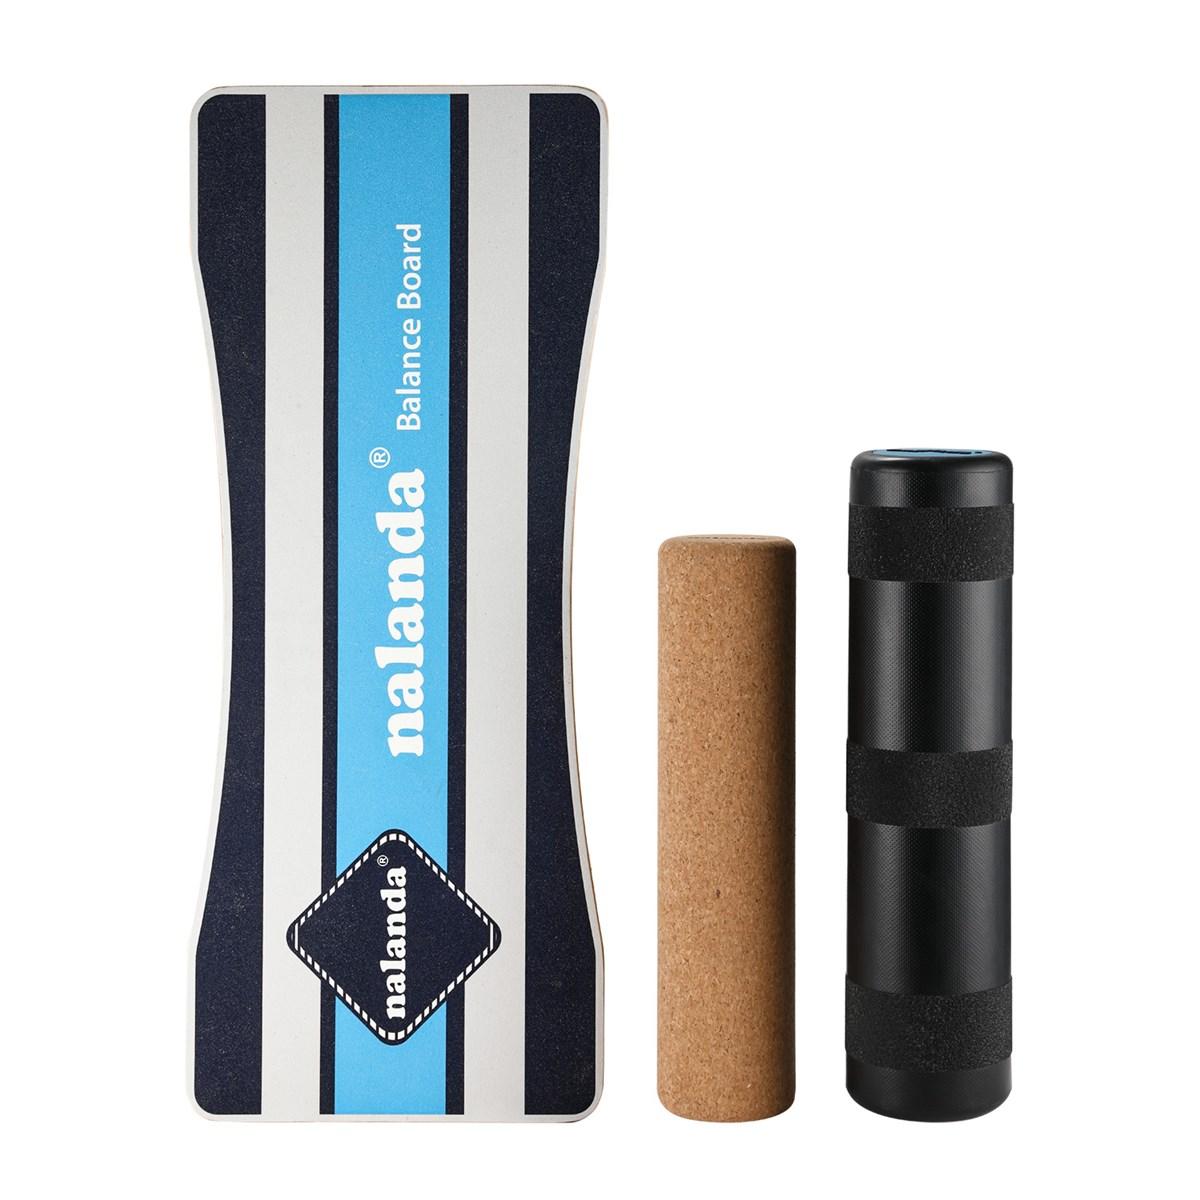 NALANDA Balance Board Stability Trainer Wooden Roller Board Anti Slip Roller for Fun Workout Training